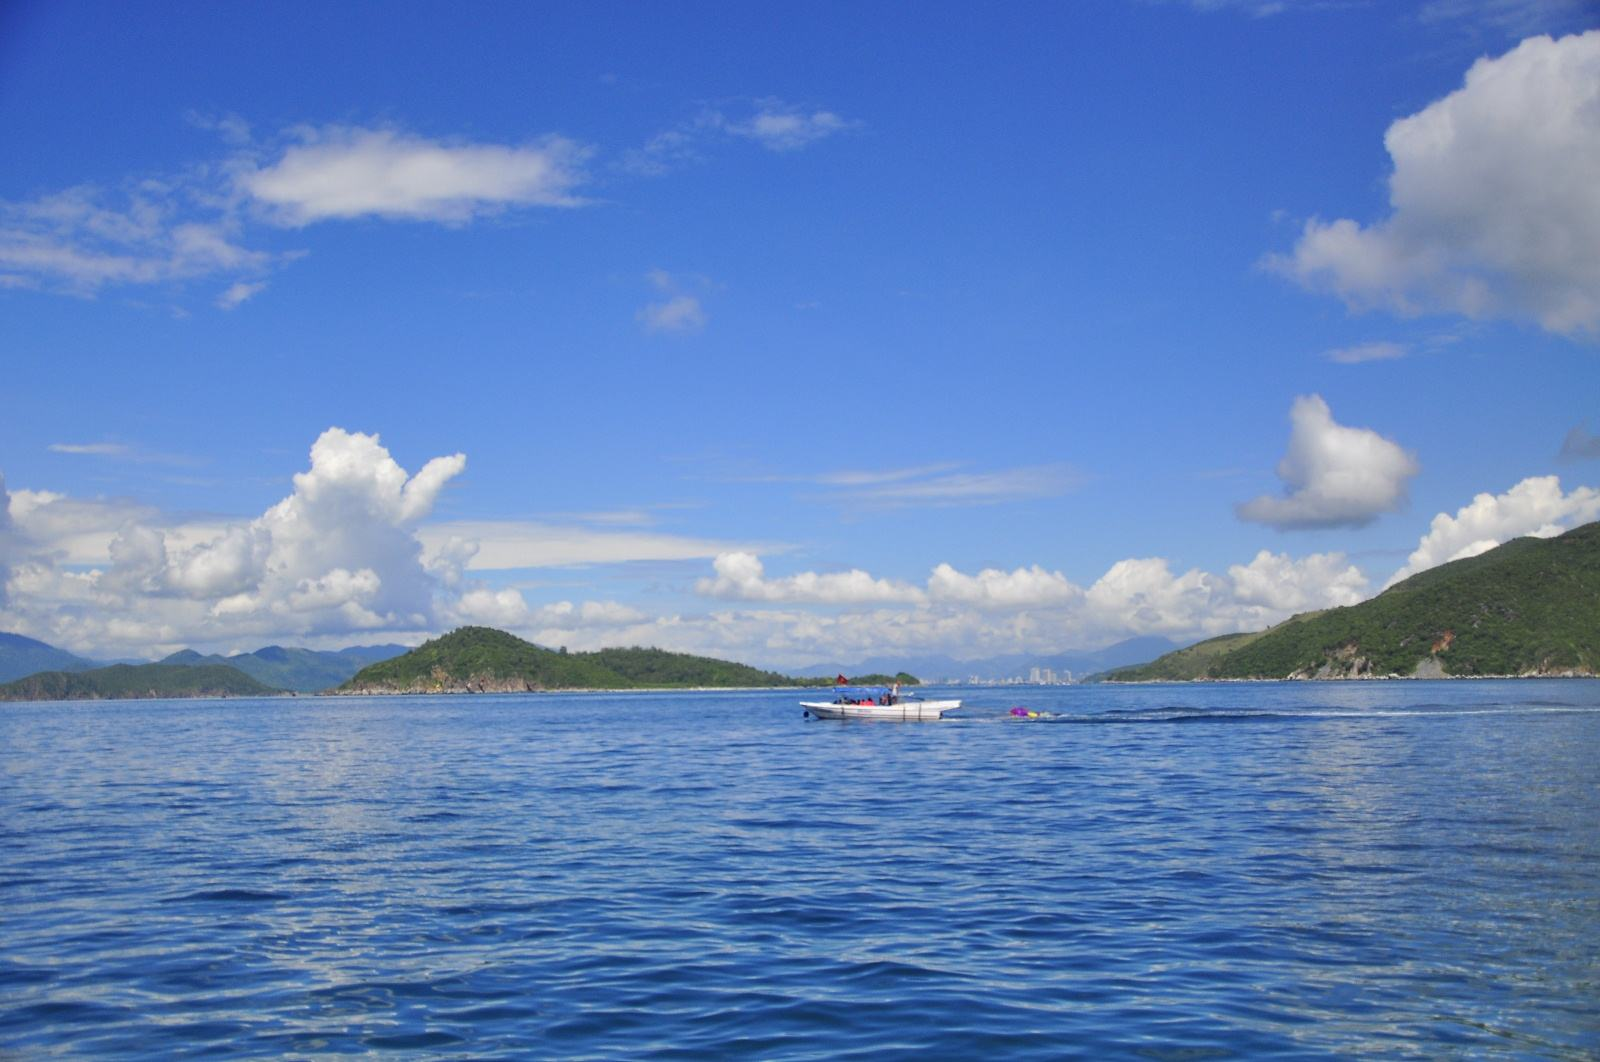 下午乘船返程途经【海燕岛】,海燕岛因岛上生活大量海燕而得名.